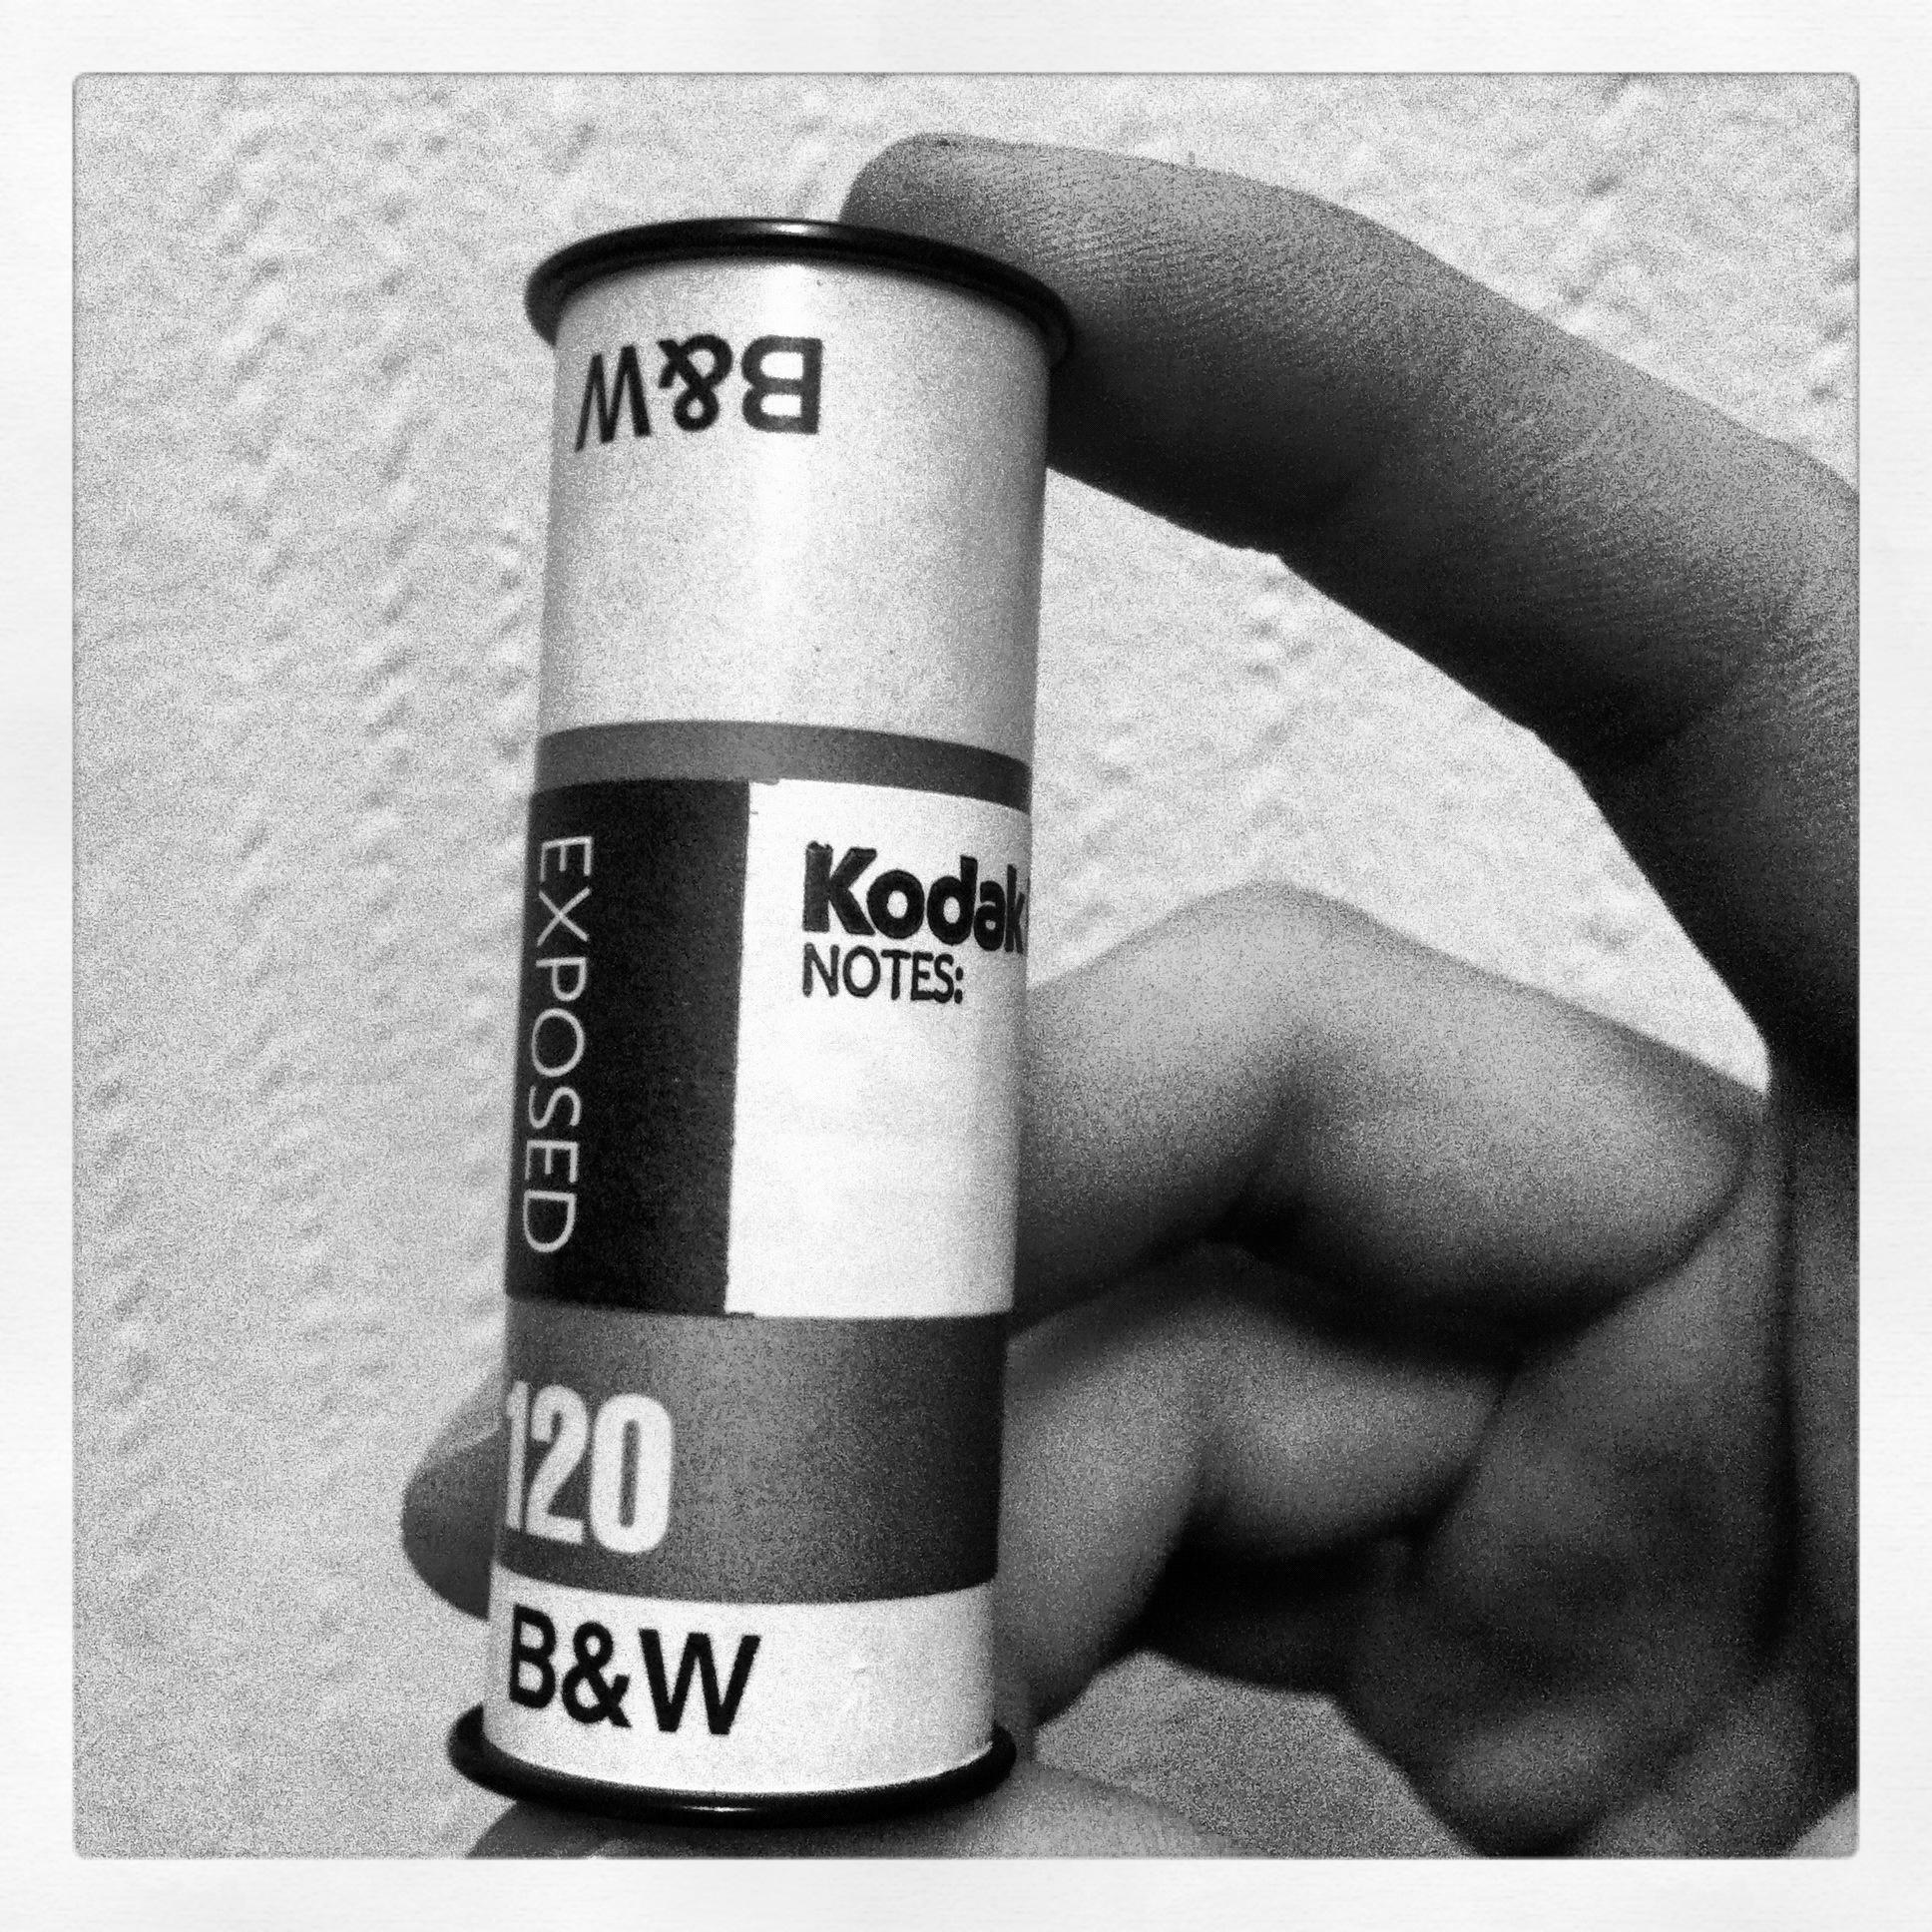 Kodak 120 film ISO 100 B&W, min første eksponerte mellomformatfilm.